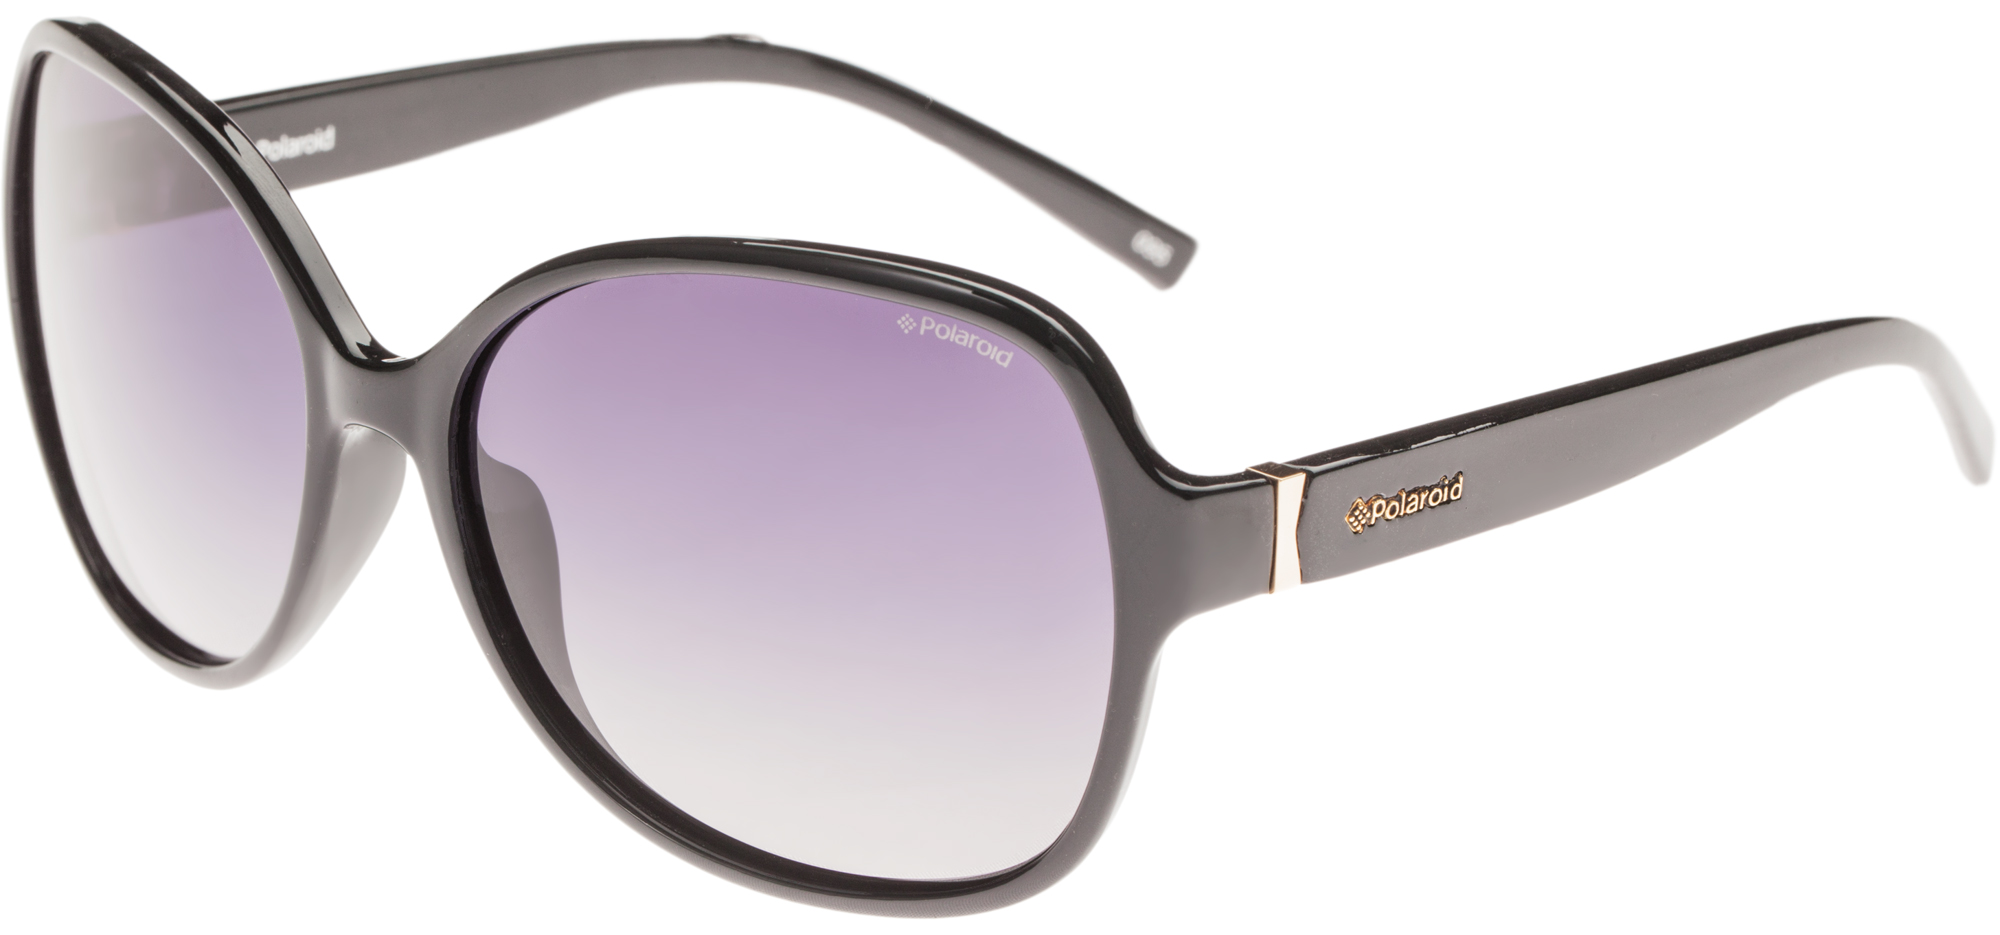 купить Polaroid Солнцезащитные очки женские Polaroid дешево